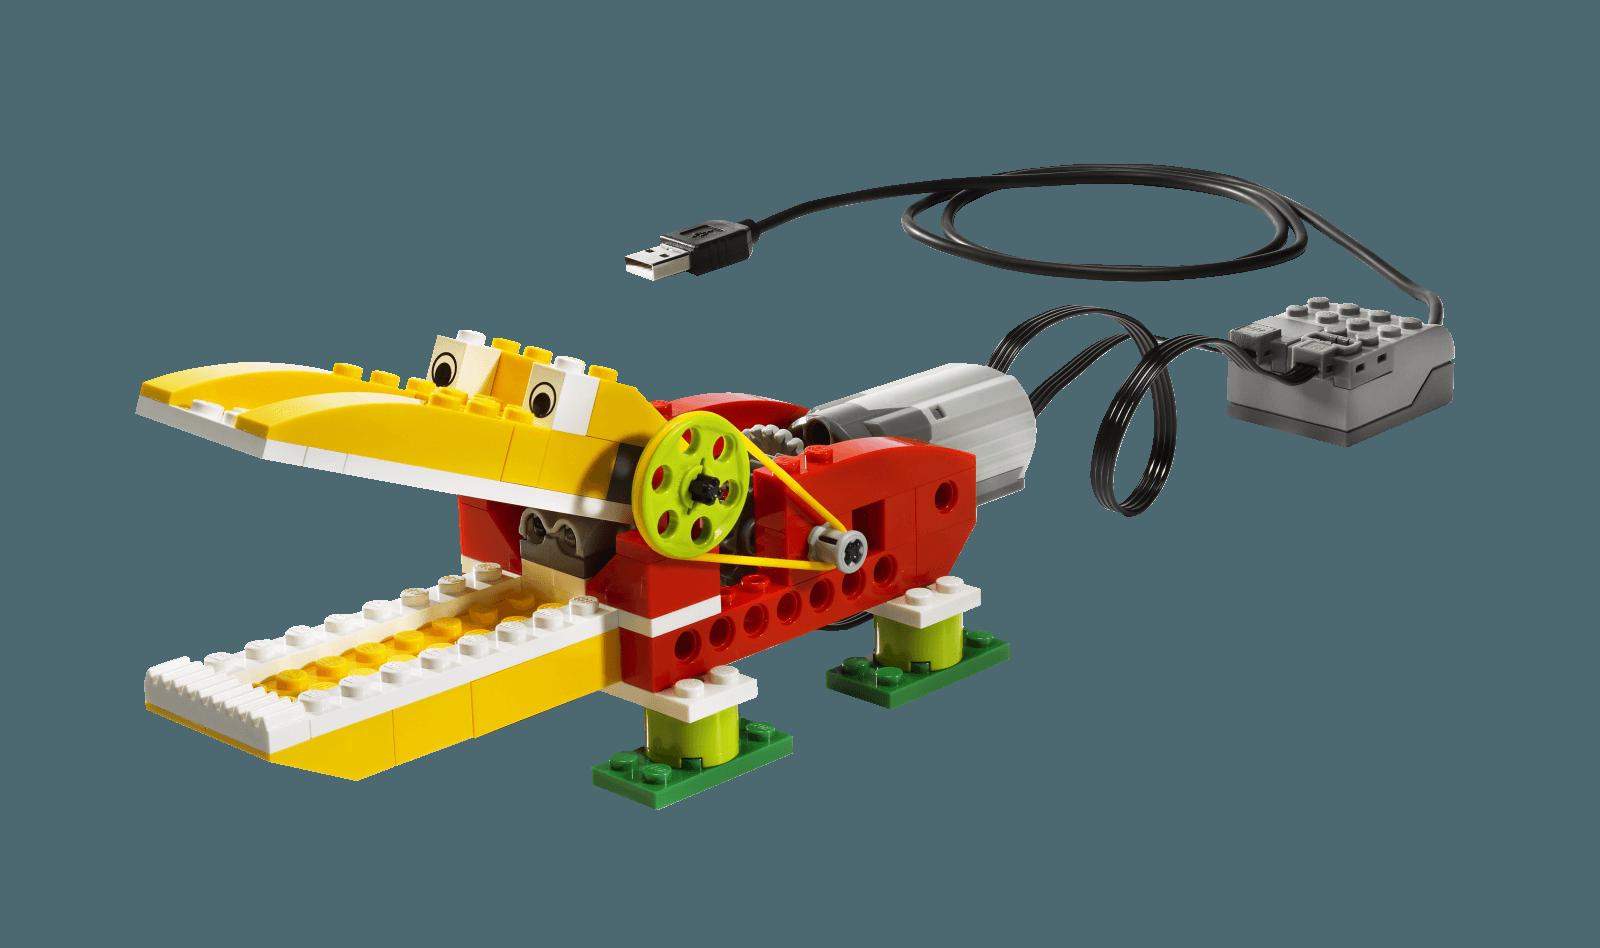 Lego-Wedo